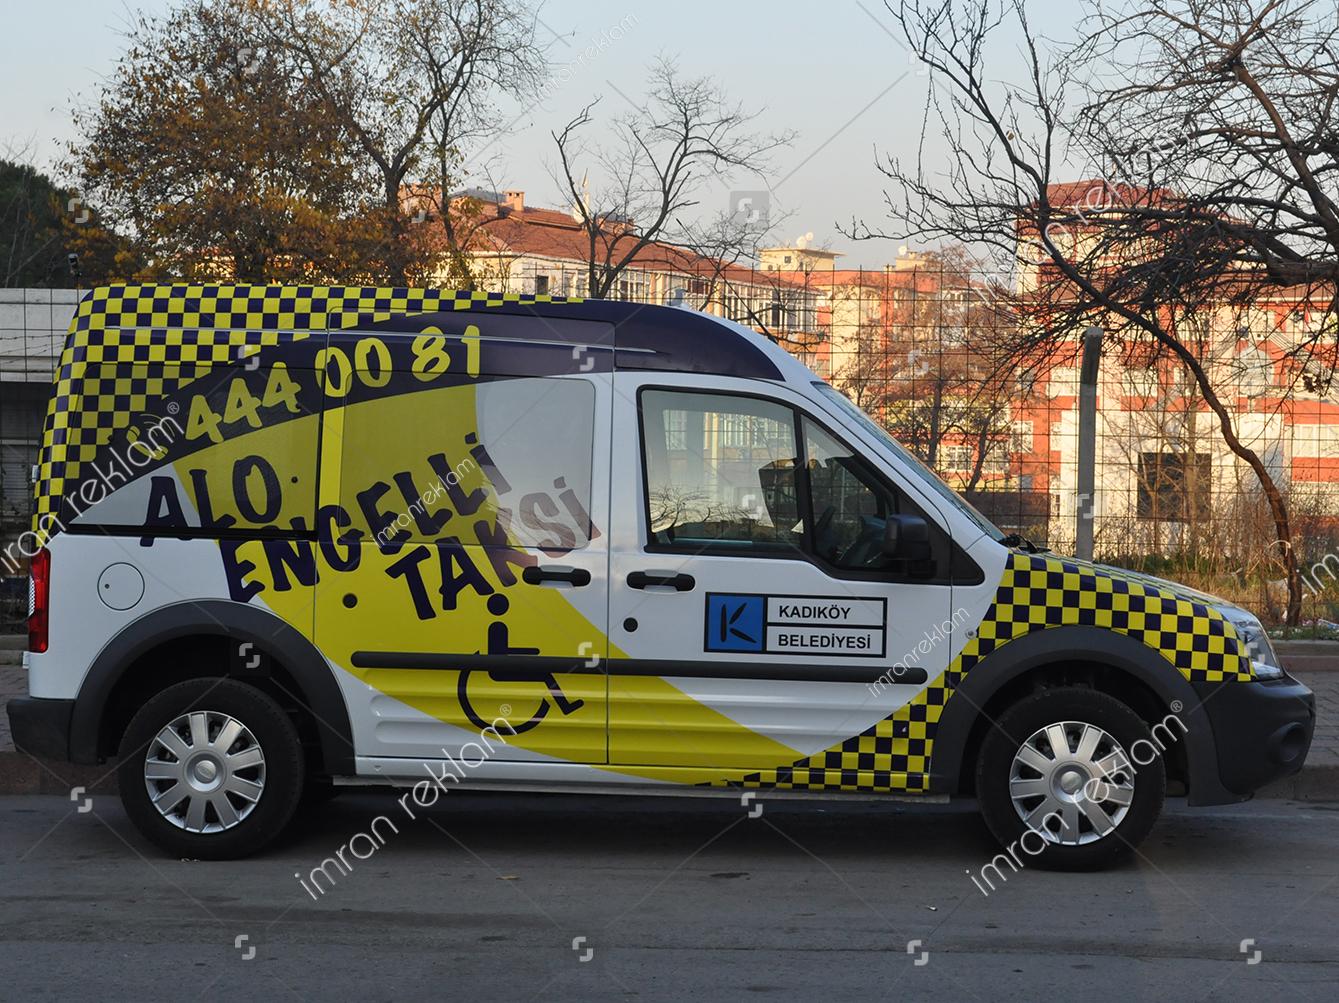 kadikoy-belediyesi-alo-engelli-taksi-arac-giydirme